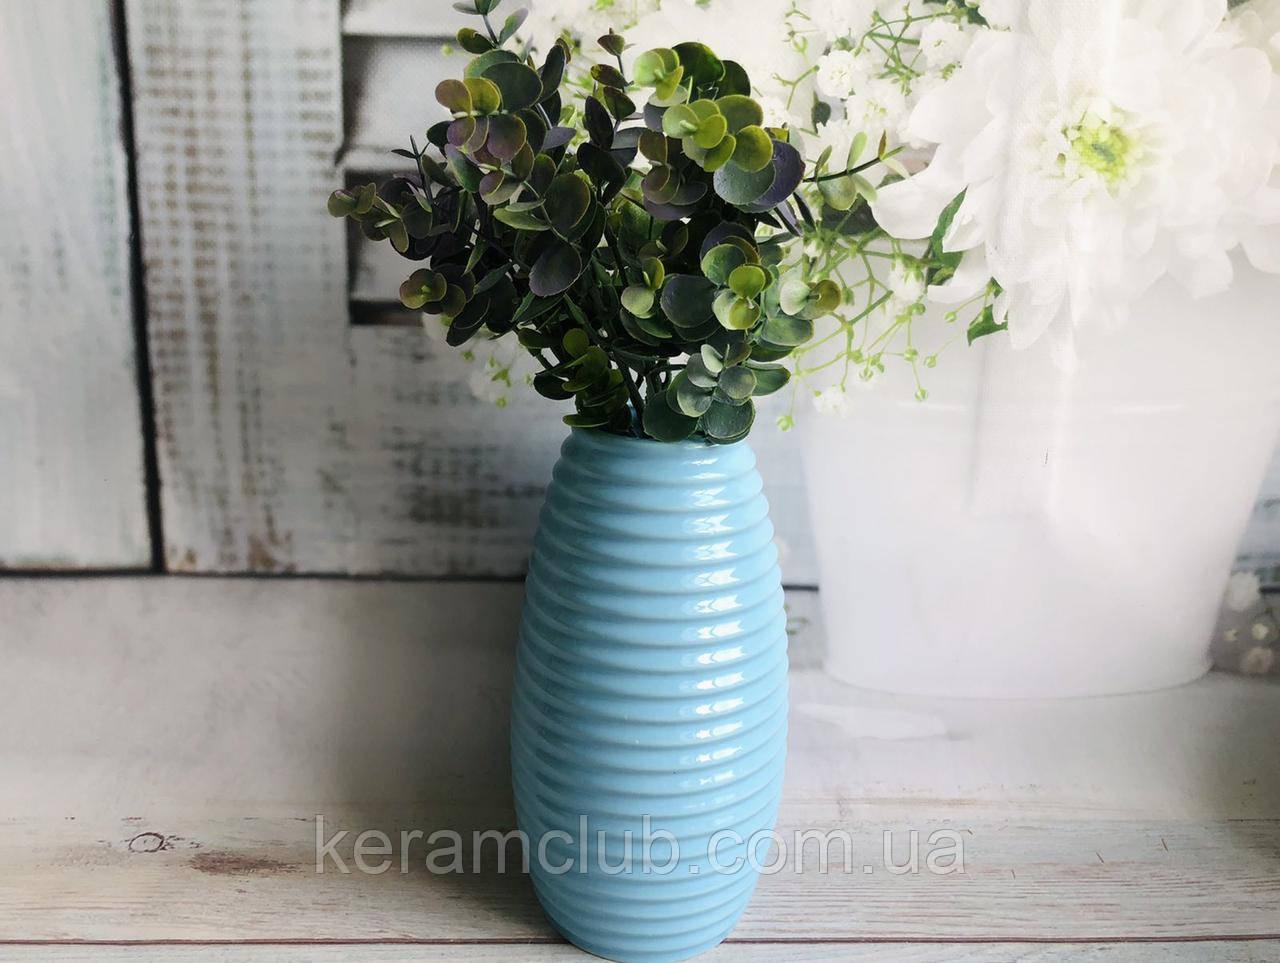 Настільна ваза Керамклуб Ізабелла в блакитному кольорі h 25 см